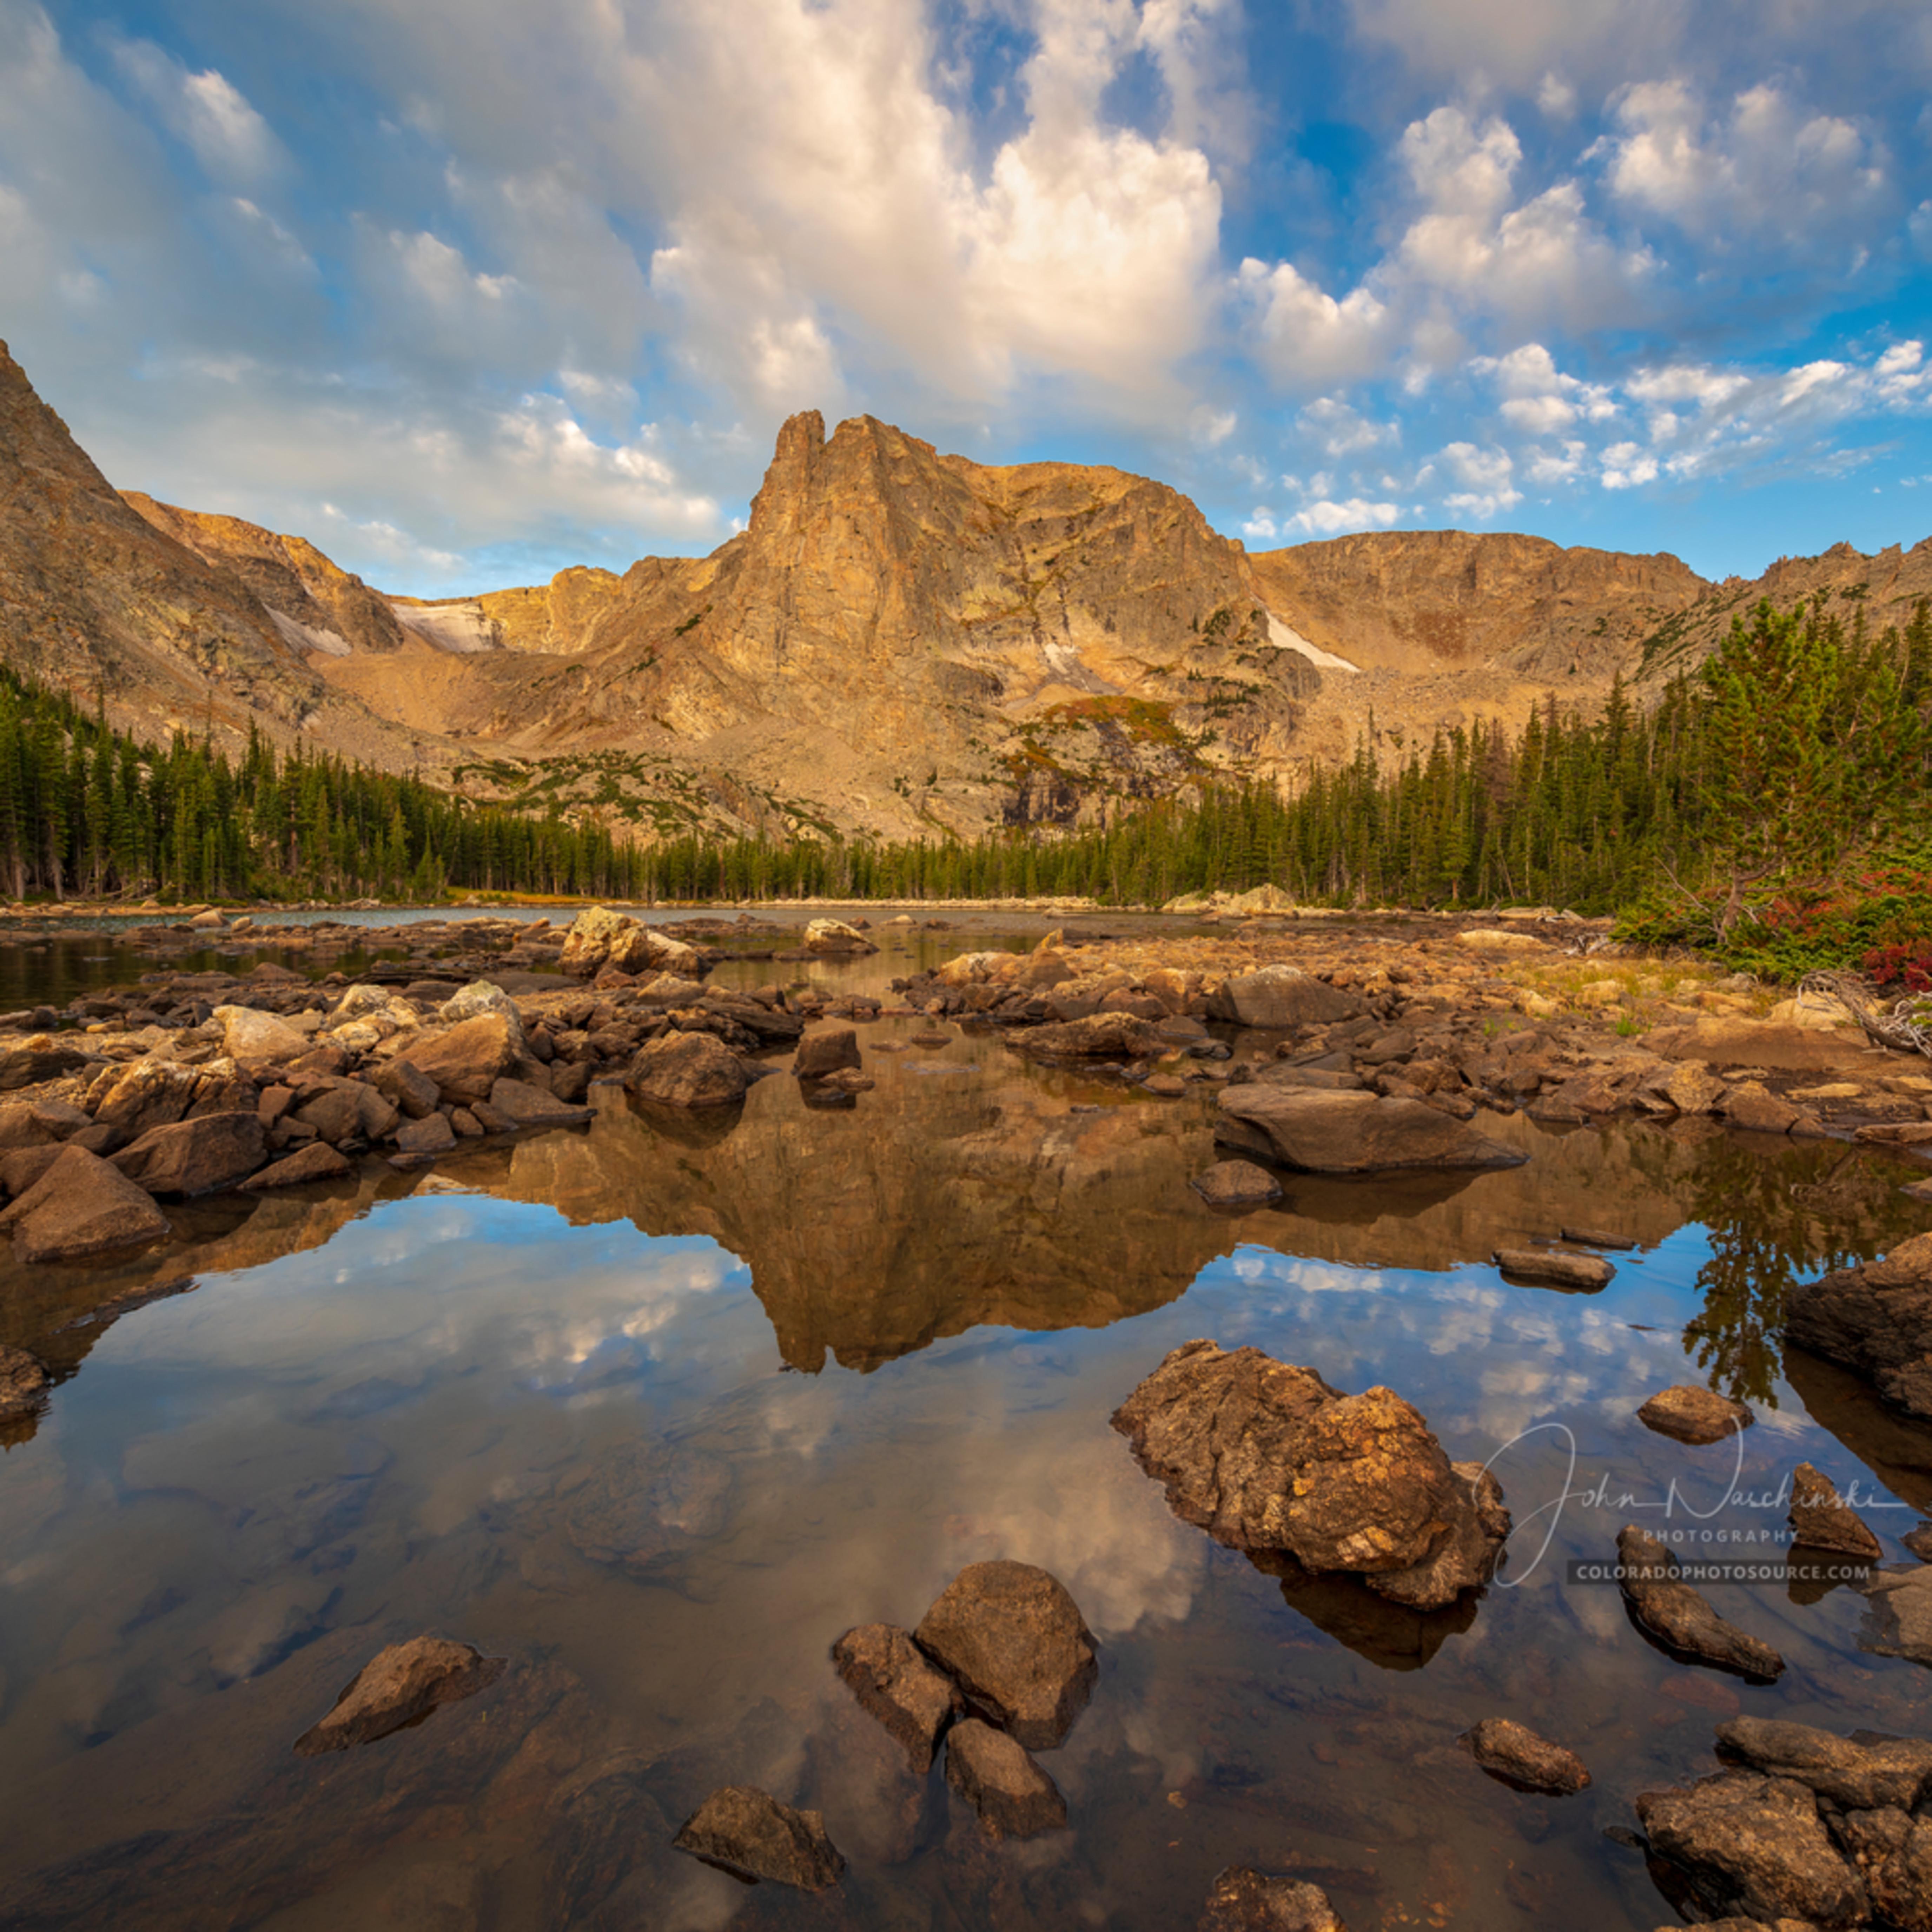 Colorado photos 8505942 xrcxi4